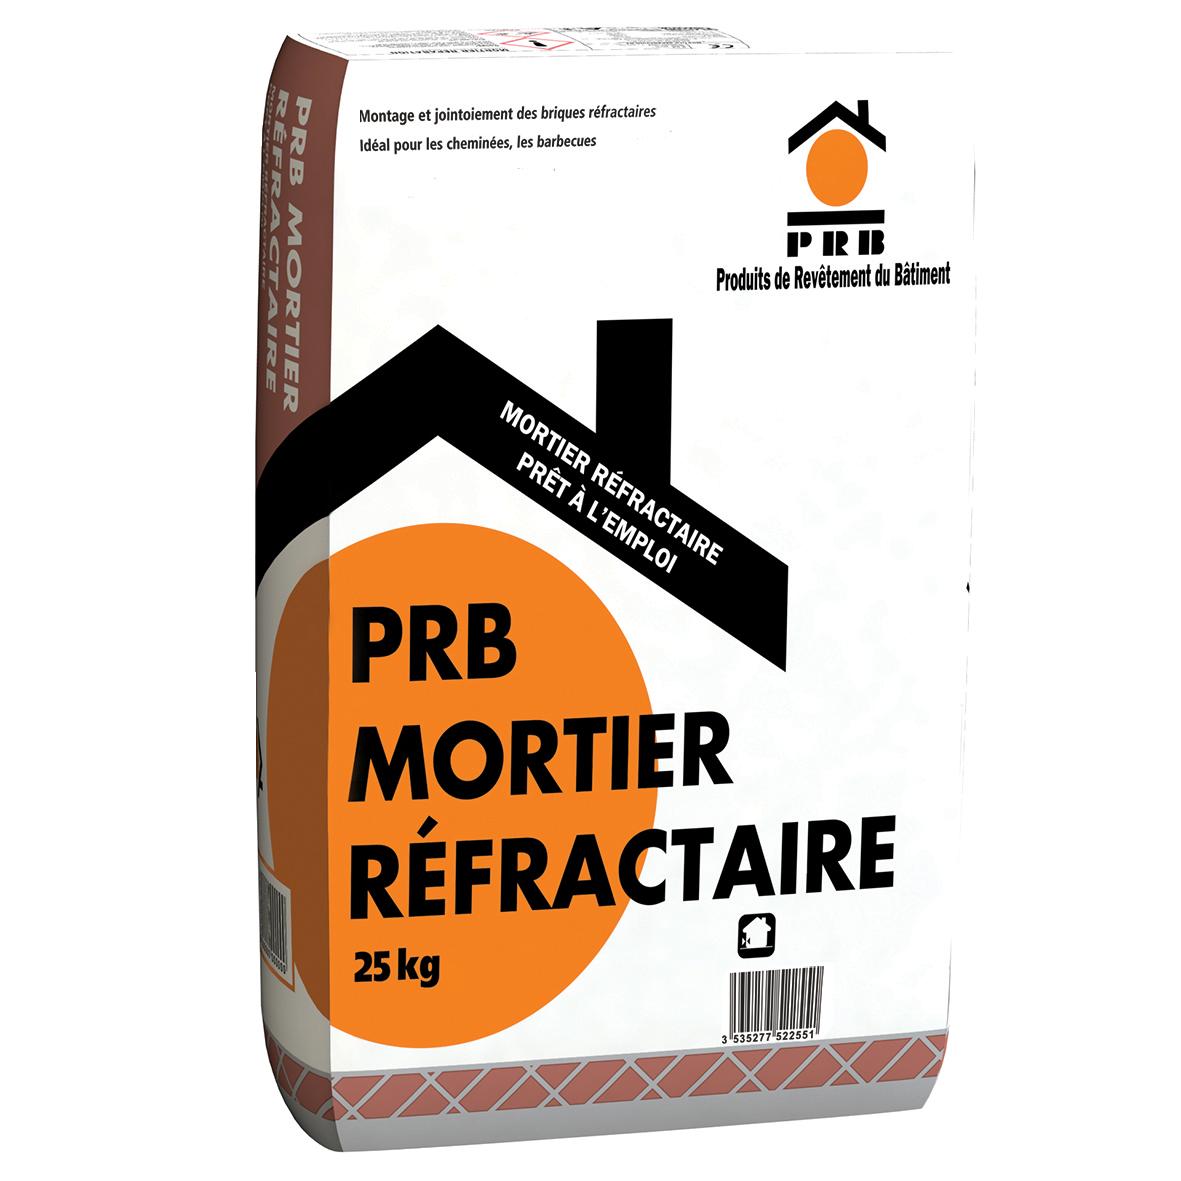 PRB MORTIER REFRACTAIRE 25 KG